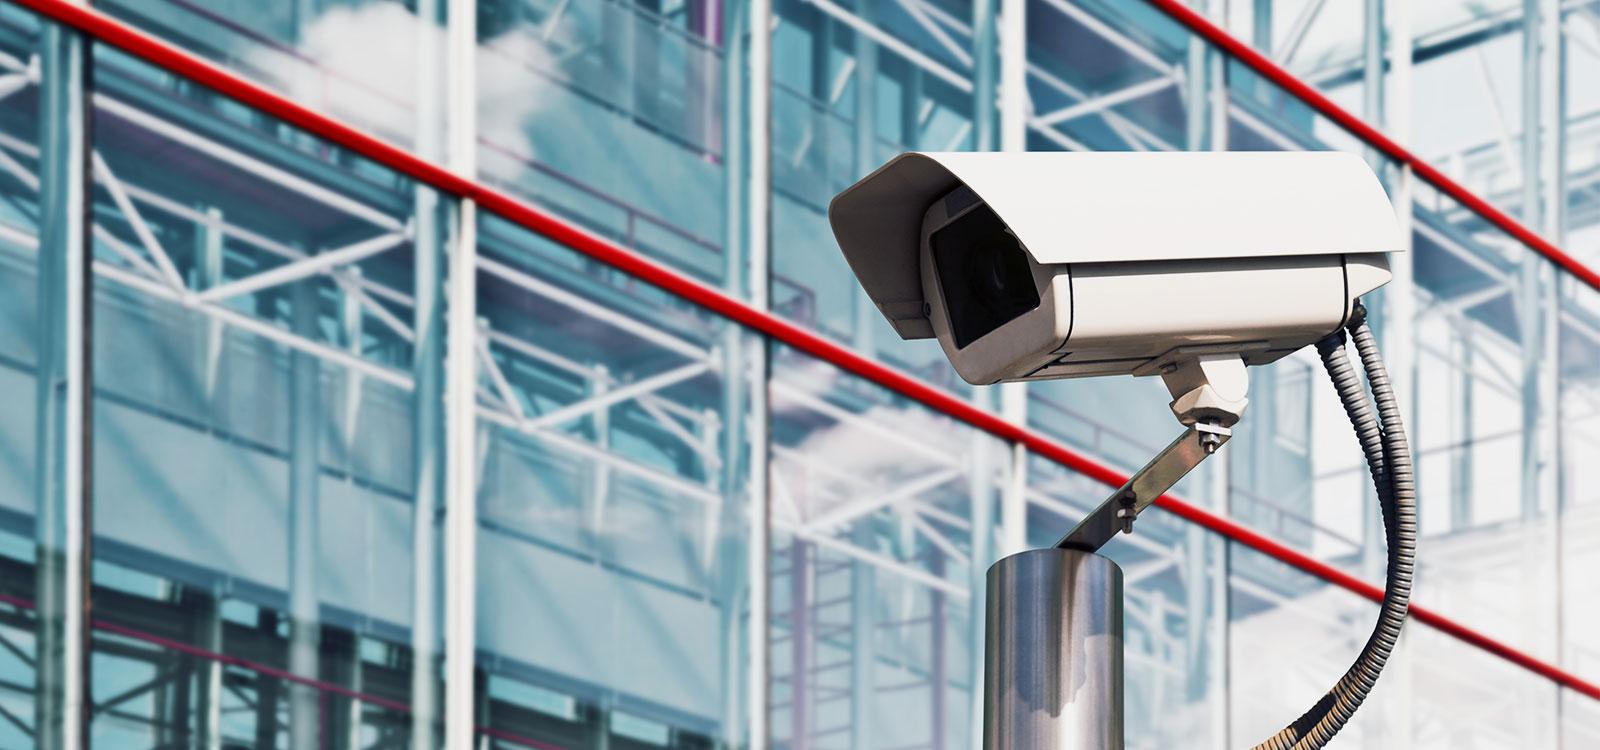 pandora-security-business1